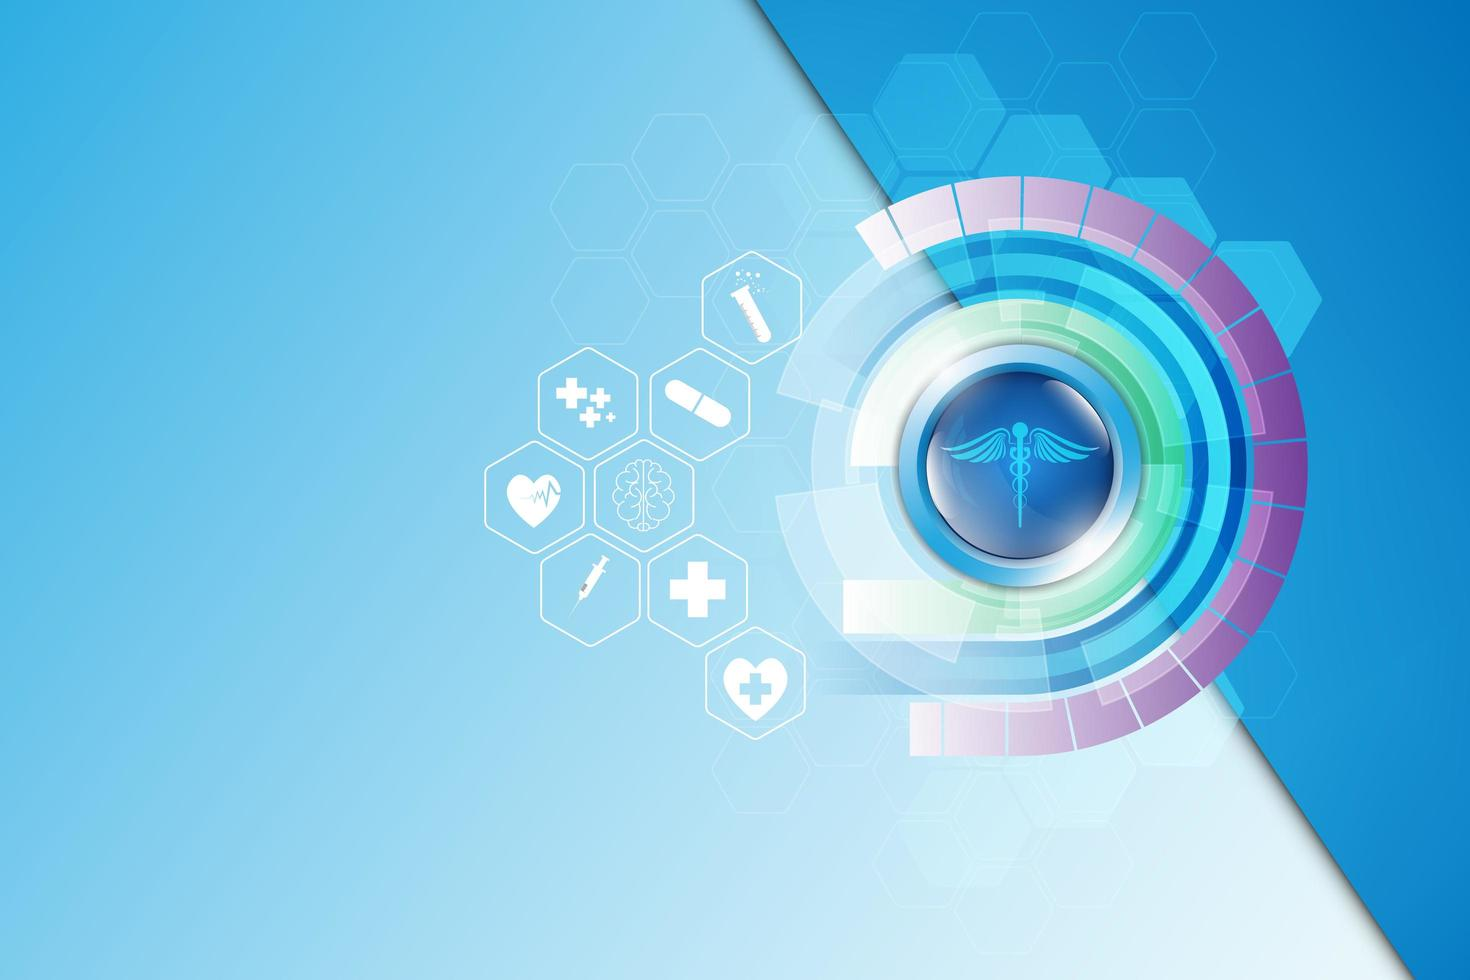 icone di scienza medica su sfondo tecnologia astratta vettore